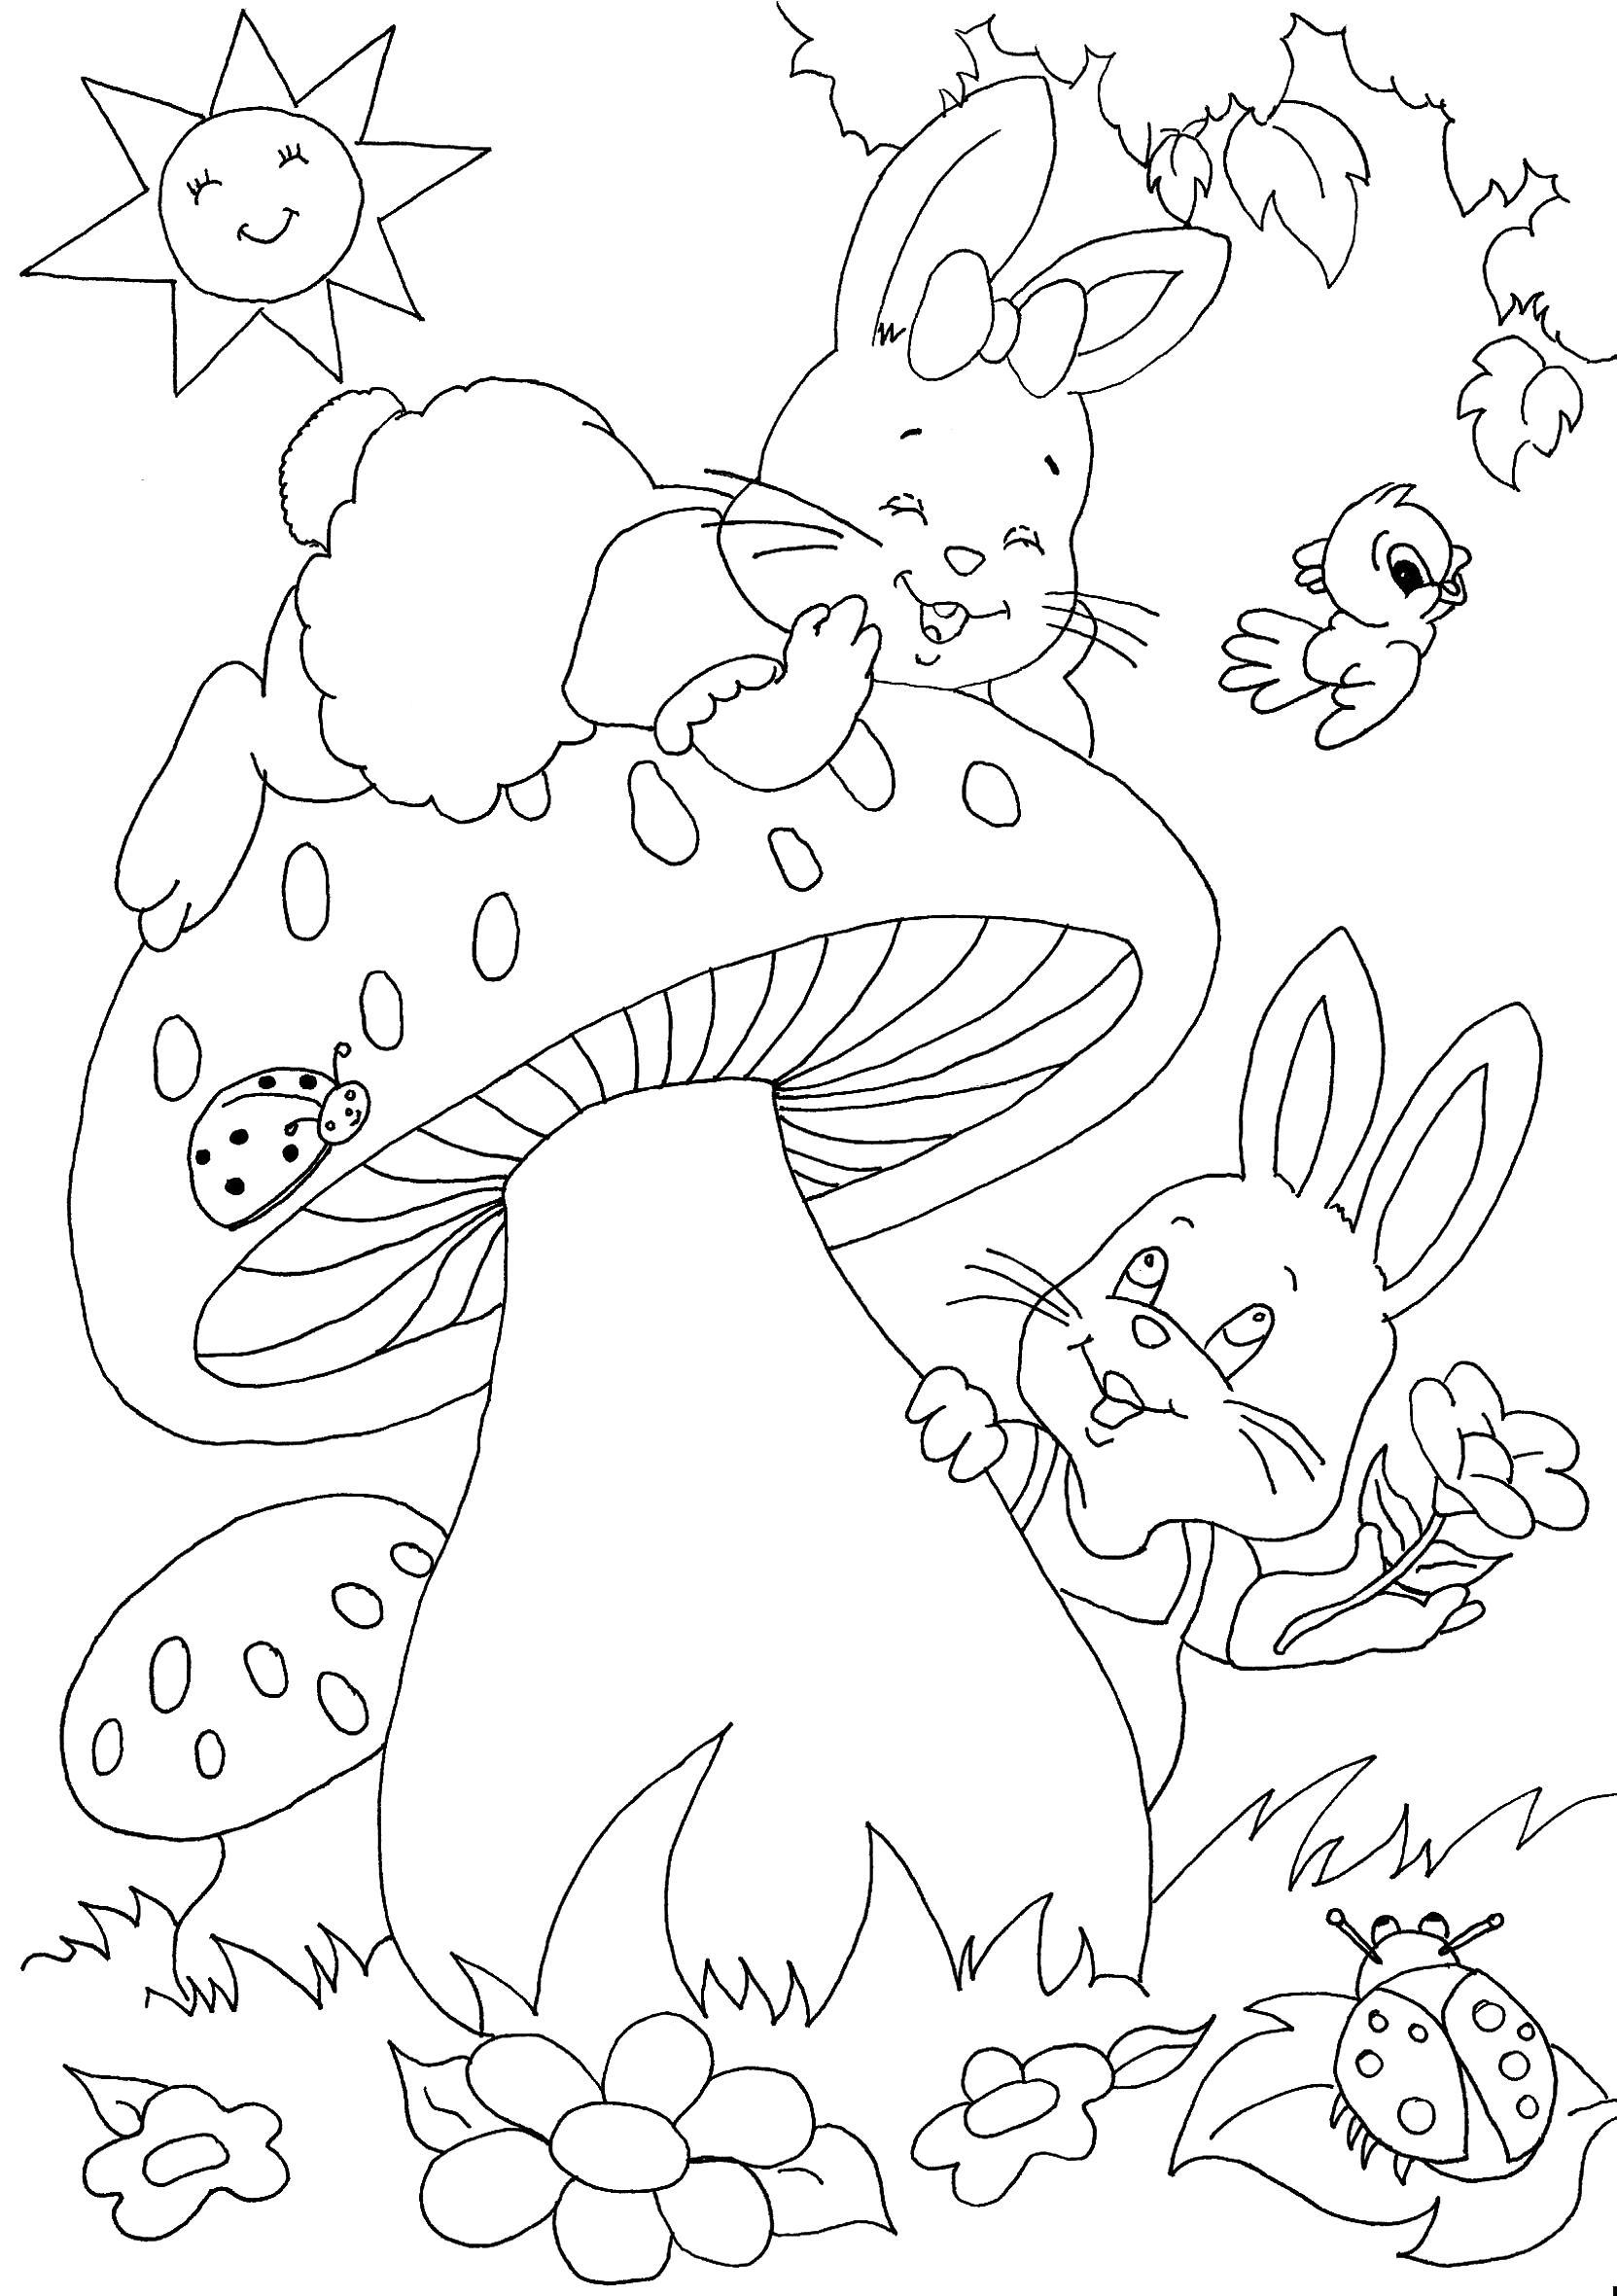 dessin à colorier minion moi moche et méchant